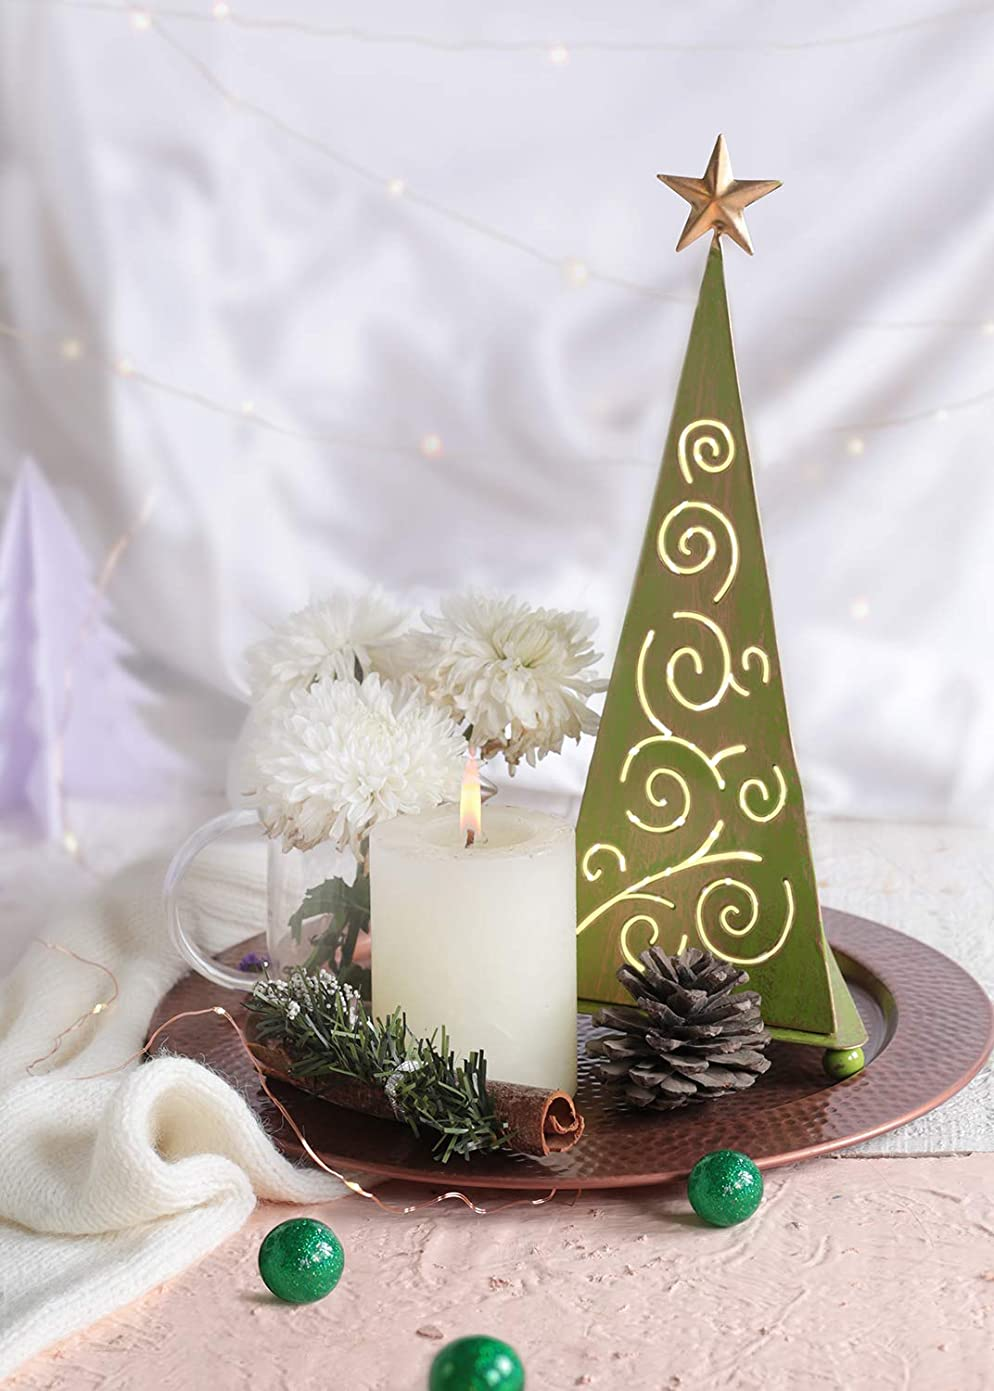 抵当また明日ね肩をすくめるstoreindya 感謝祭ギフト クリスマスツリー型メタルお香タワー グリーンとゴールドのクリスマスホームデコレーション 装飾アクセサリーと新築祝いのギフトに最適